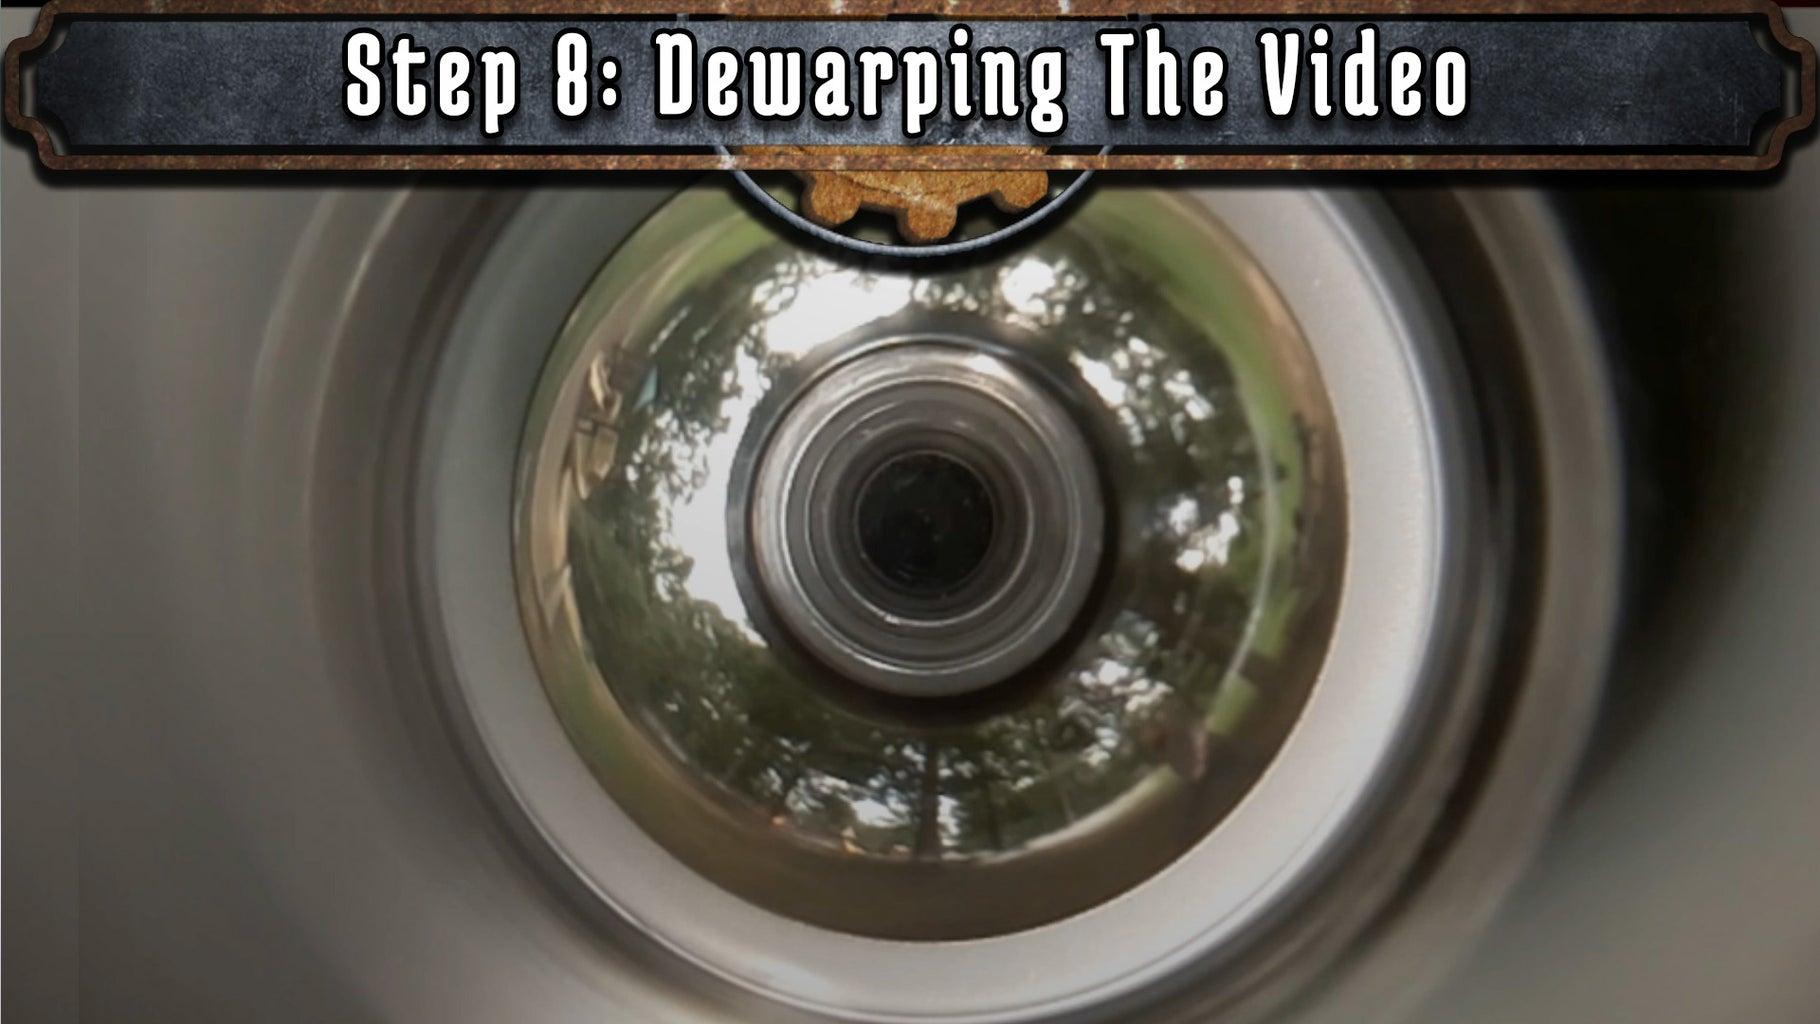 Dewarping the Video